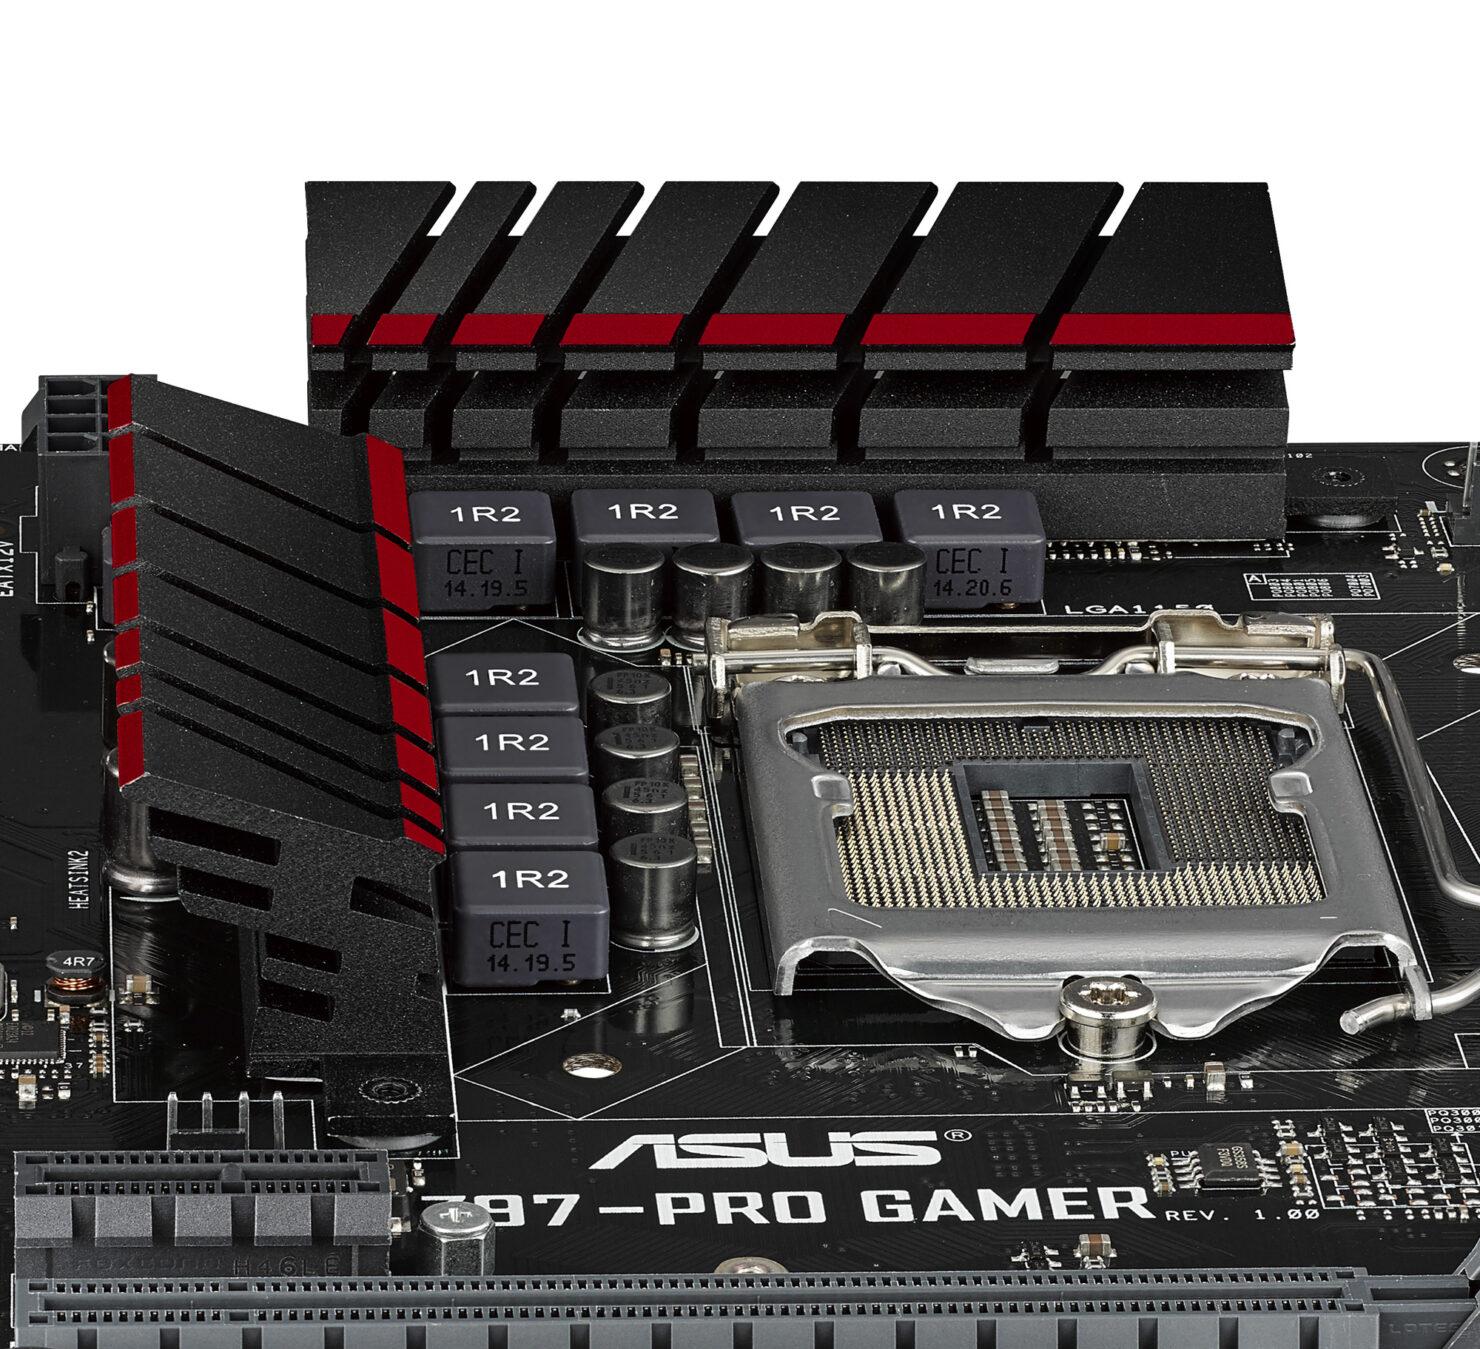 z97-pro-gamer-2